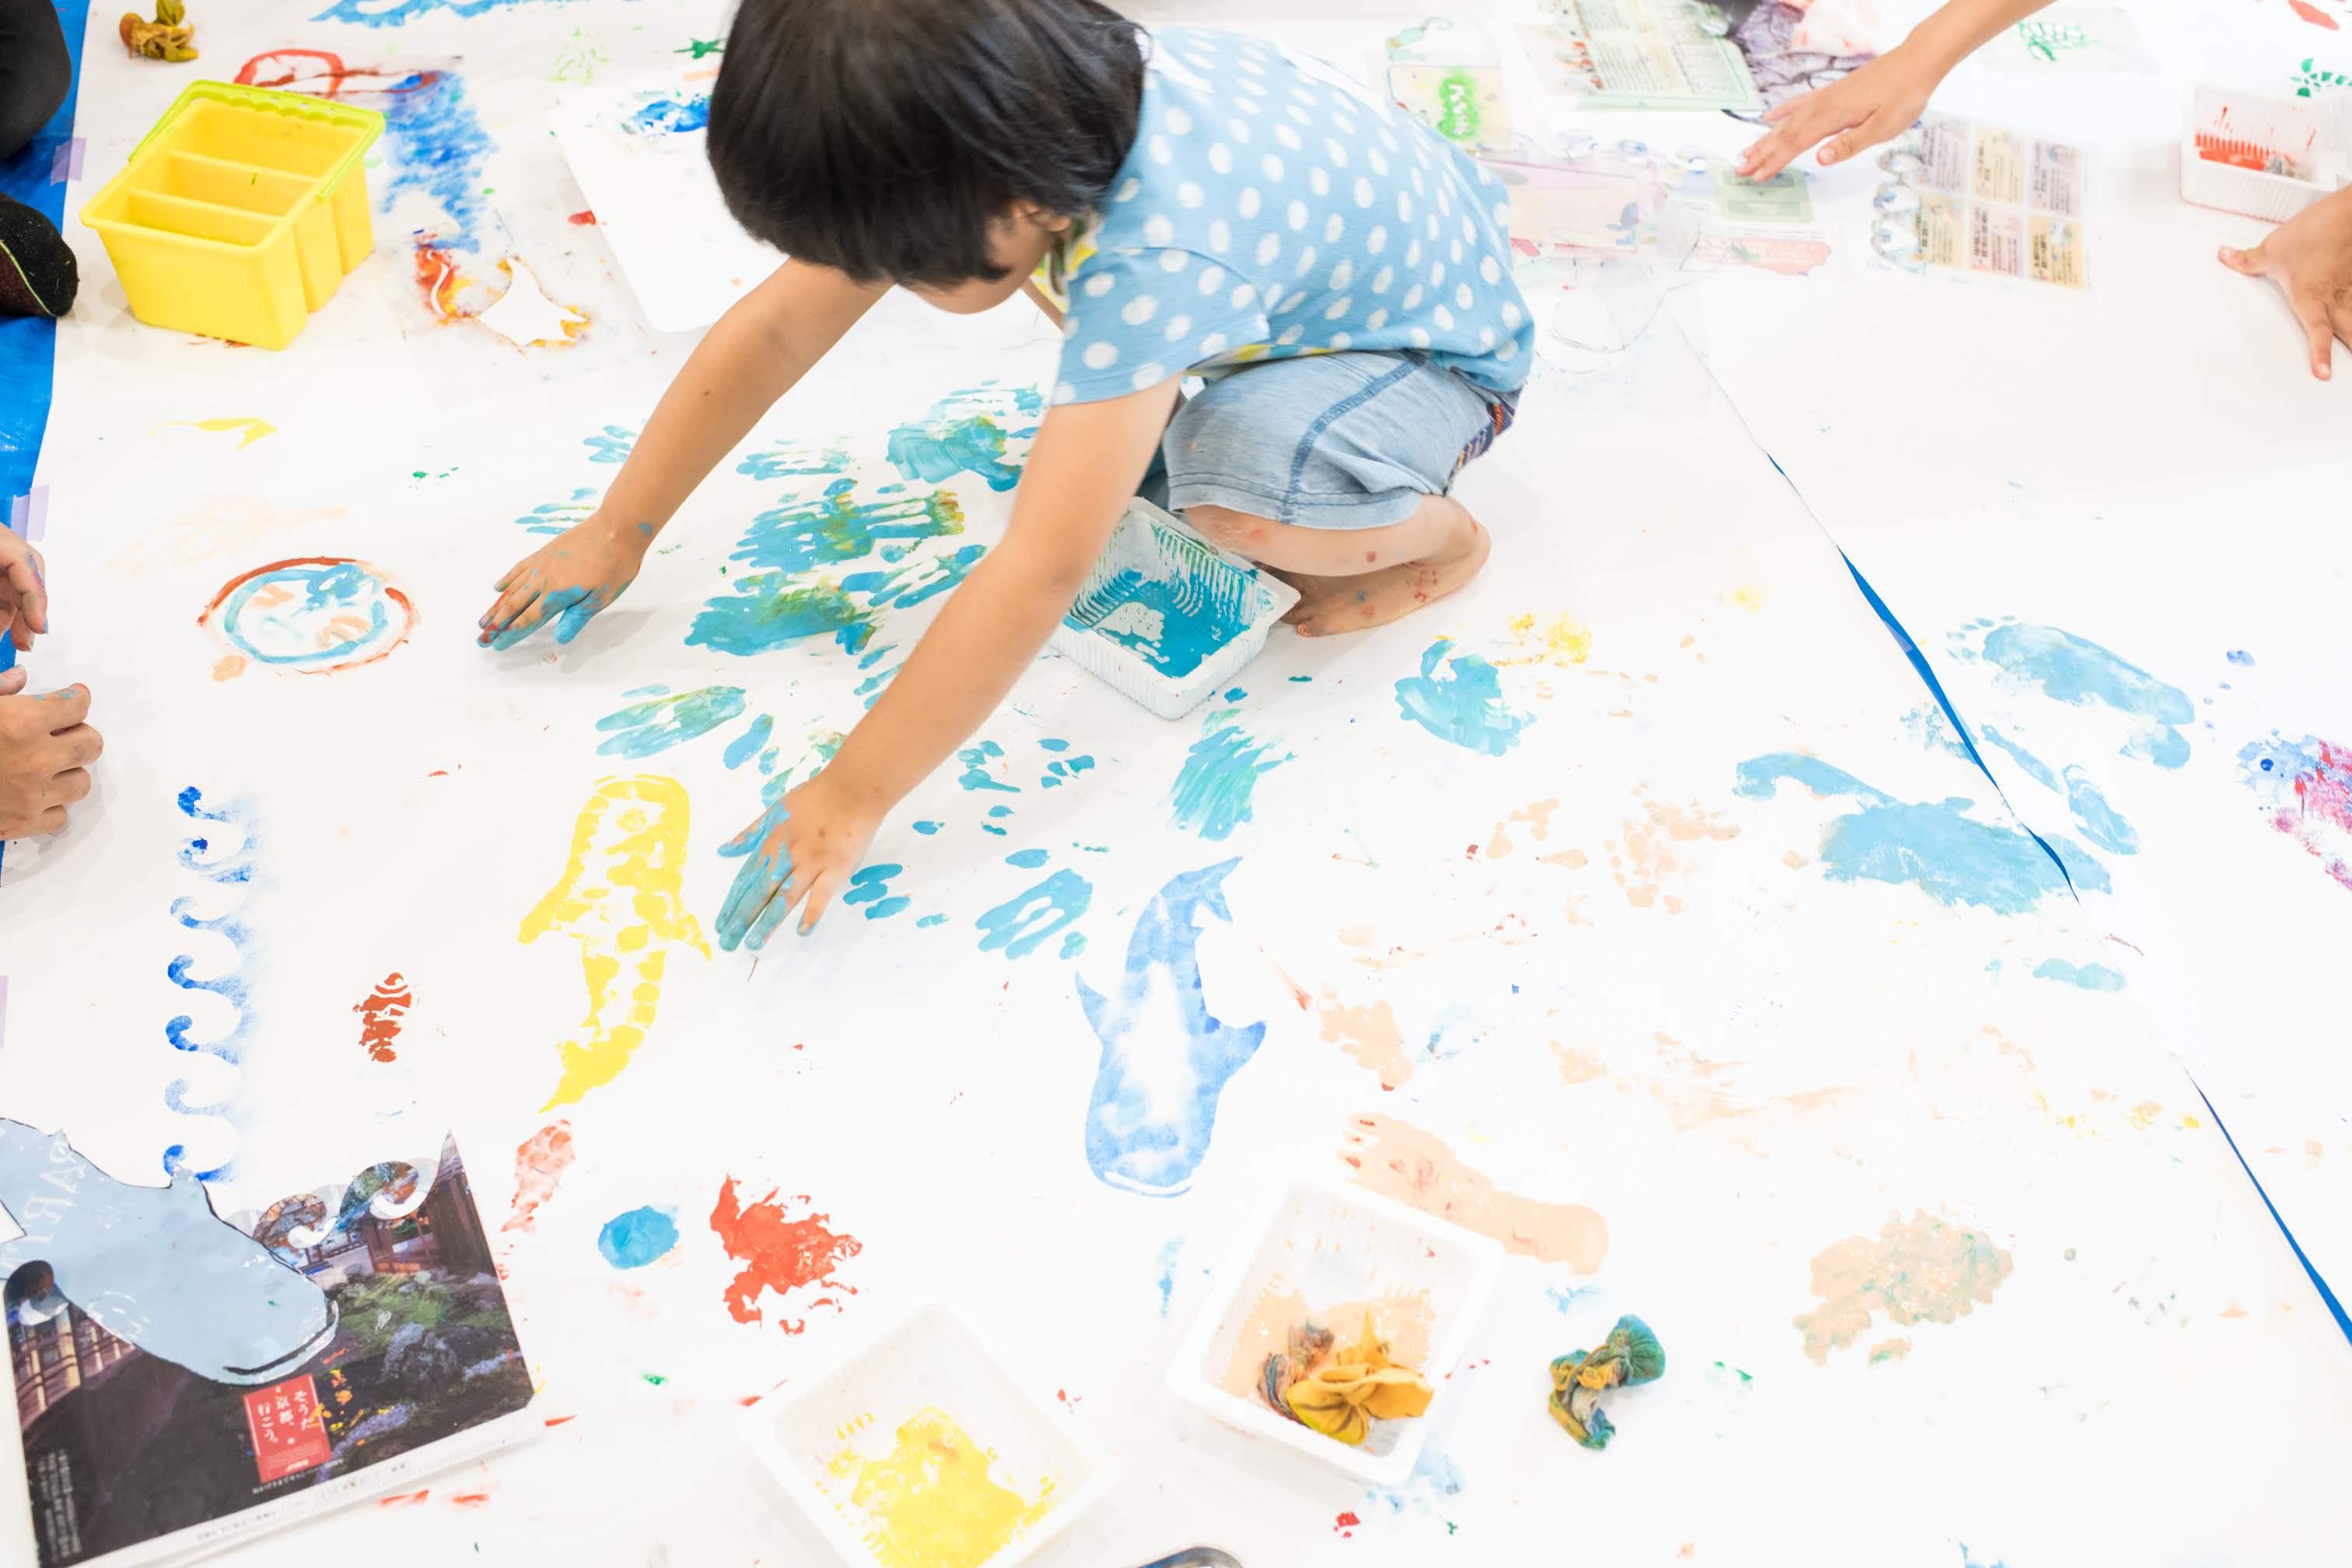 【当日レポート】海をテーマにステンシルとぬたくりの絵の具あそびをしました